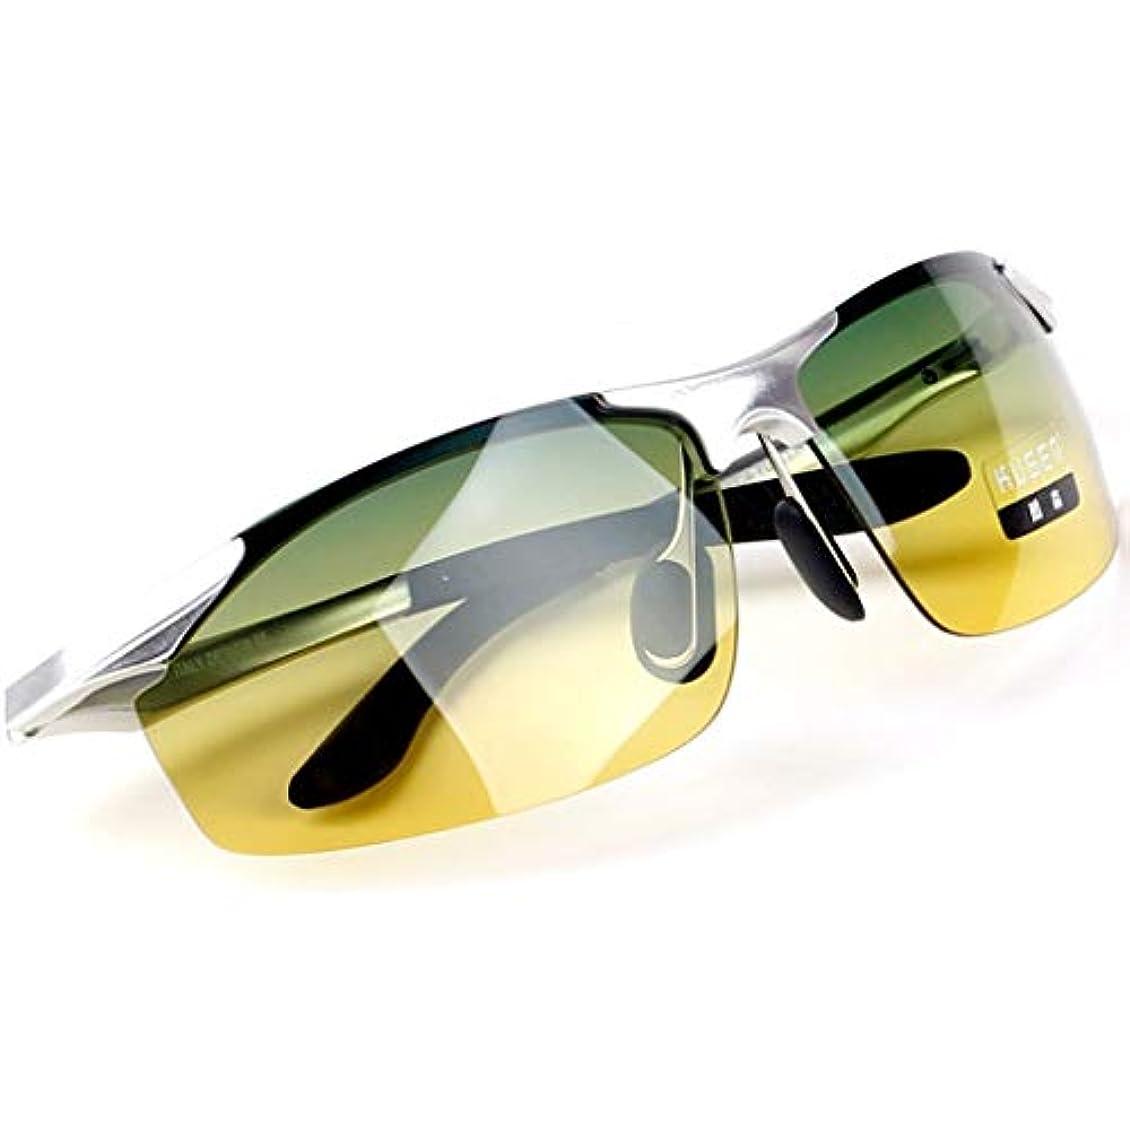 関数両方画家DFLZJJ サングラス- 偏光レンズドライバーメガネデイナイトサングラスドライビングナイトビジョンゴーグルアンチハイビーム (色 : B, サイズ さいず : 14.8cm)